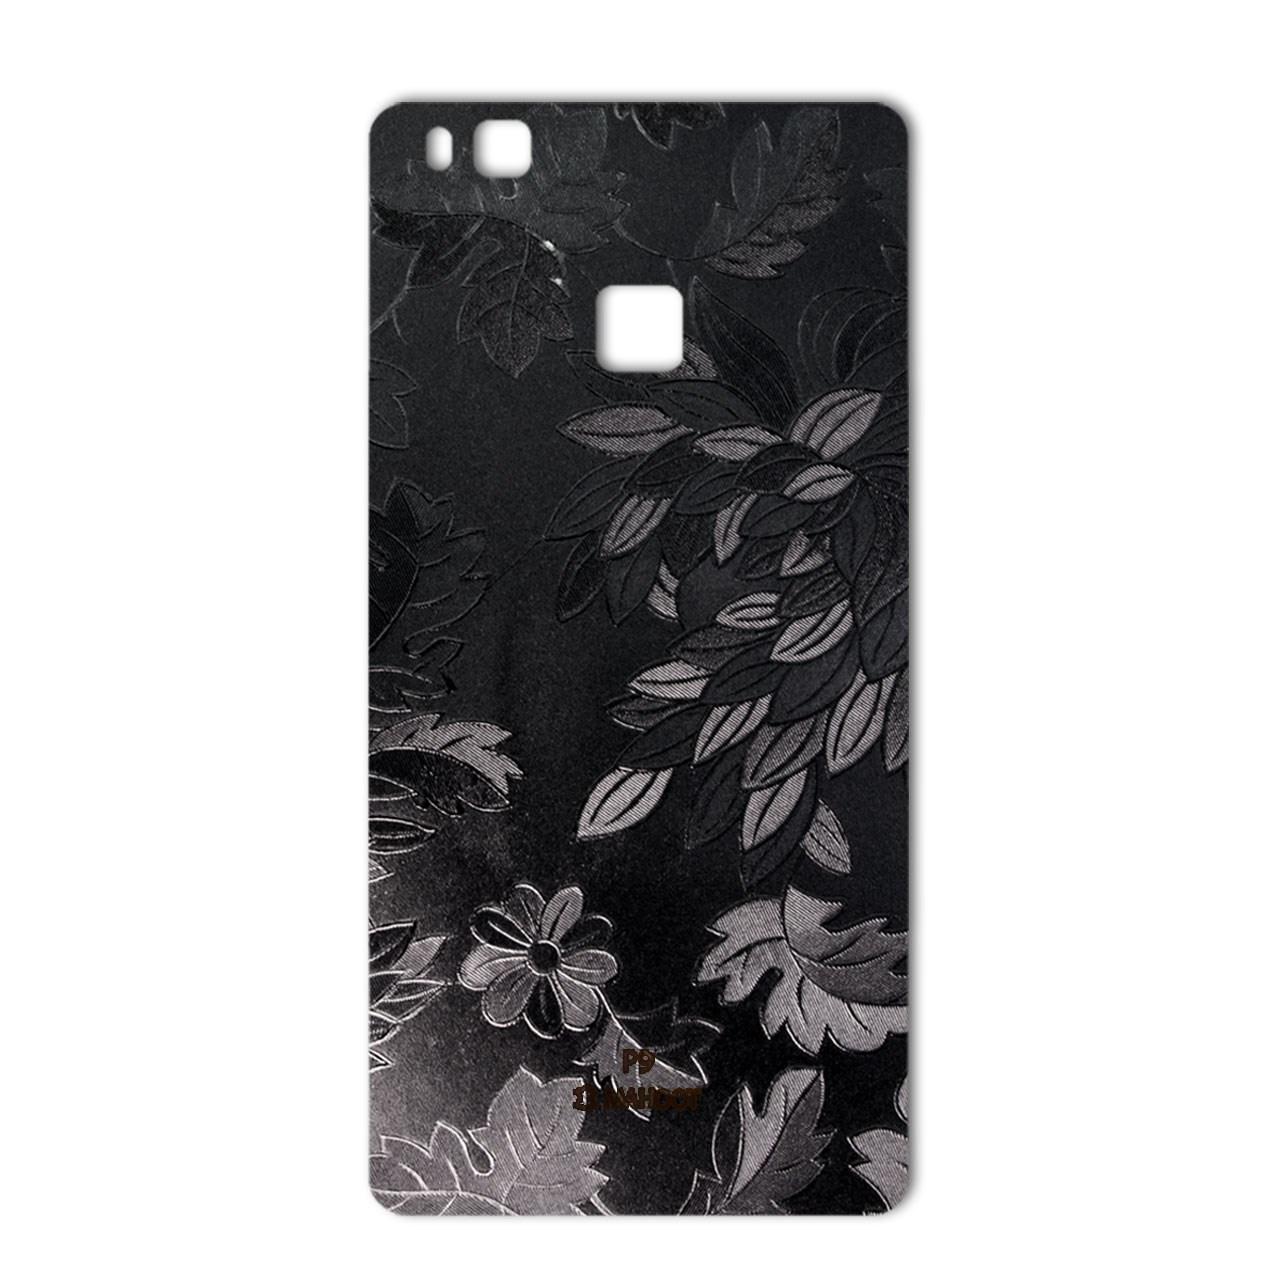 برچسب پوششی ماهوت مدل Wild-flower Texture مناسب برای گوشی  Huawei P9 Lite